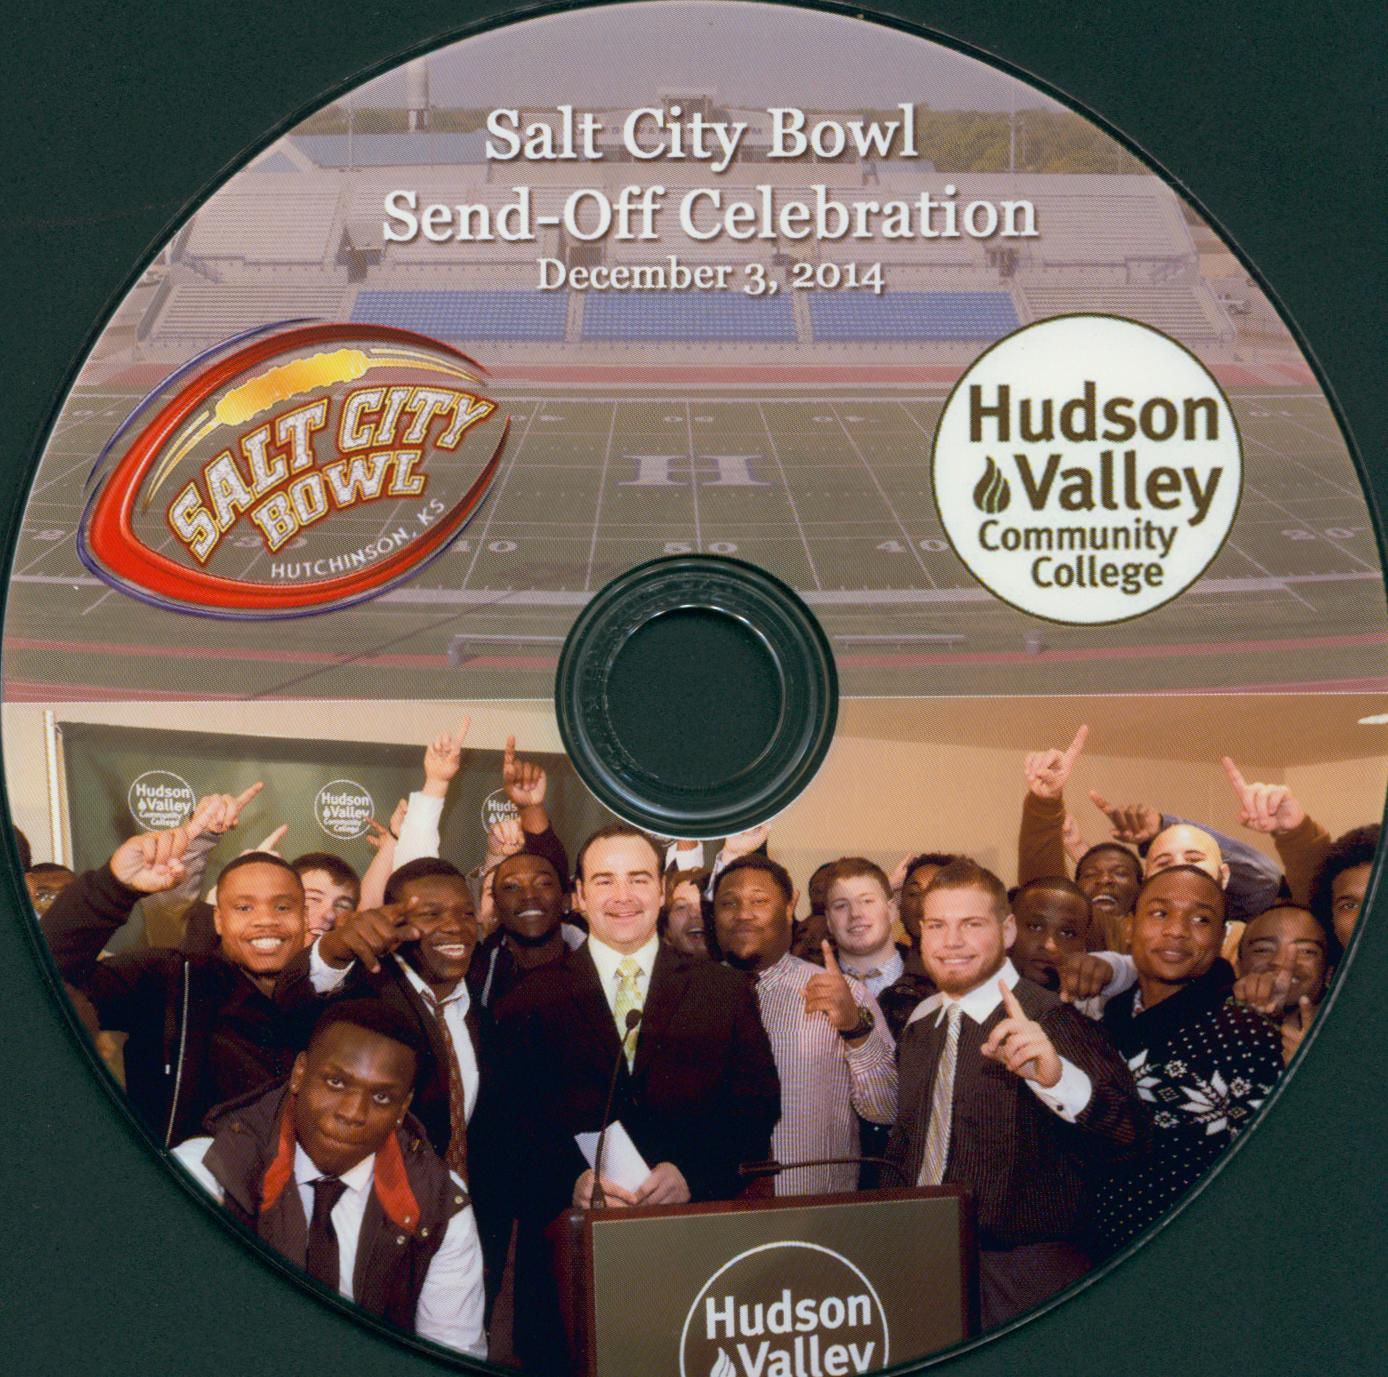 Salt City Bowl, Send-off Celebration, December 3, 2014